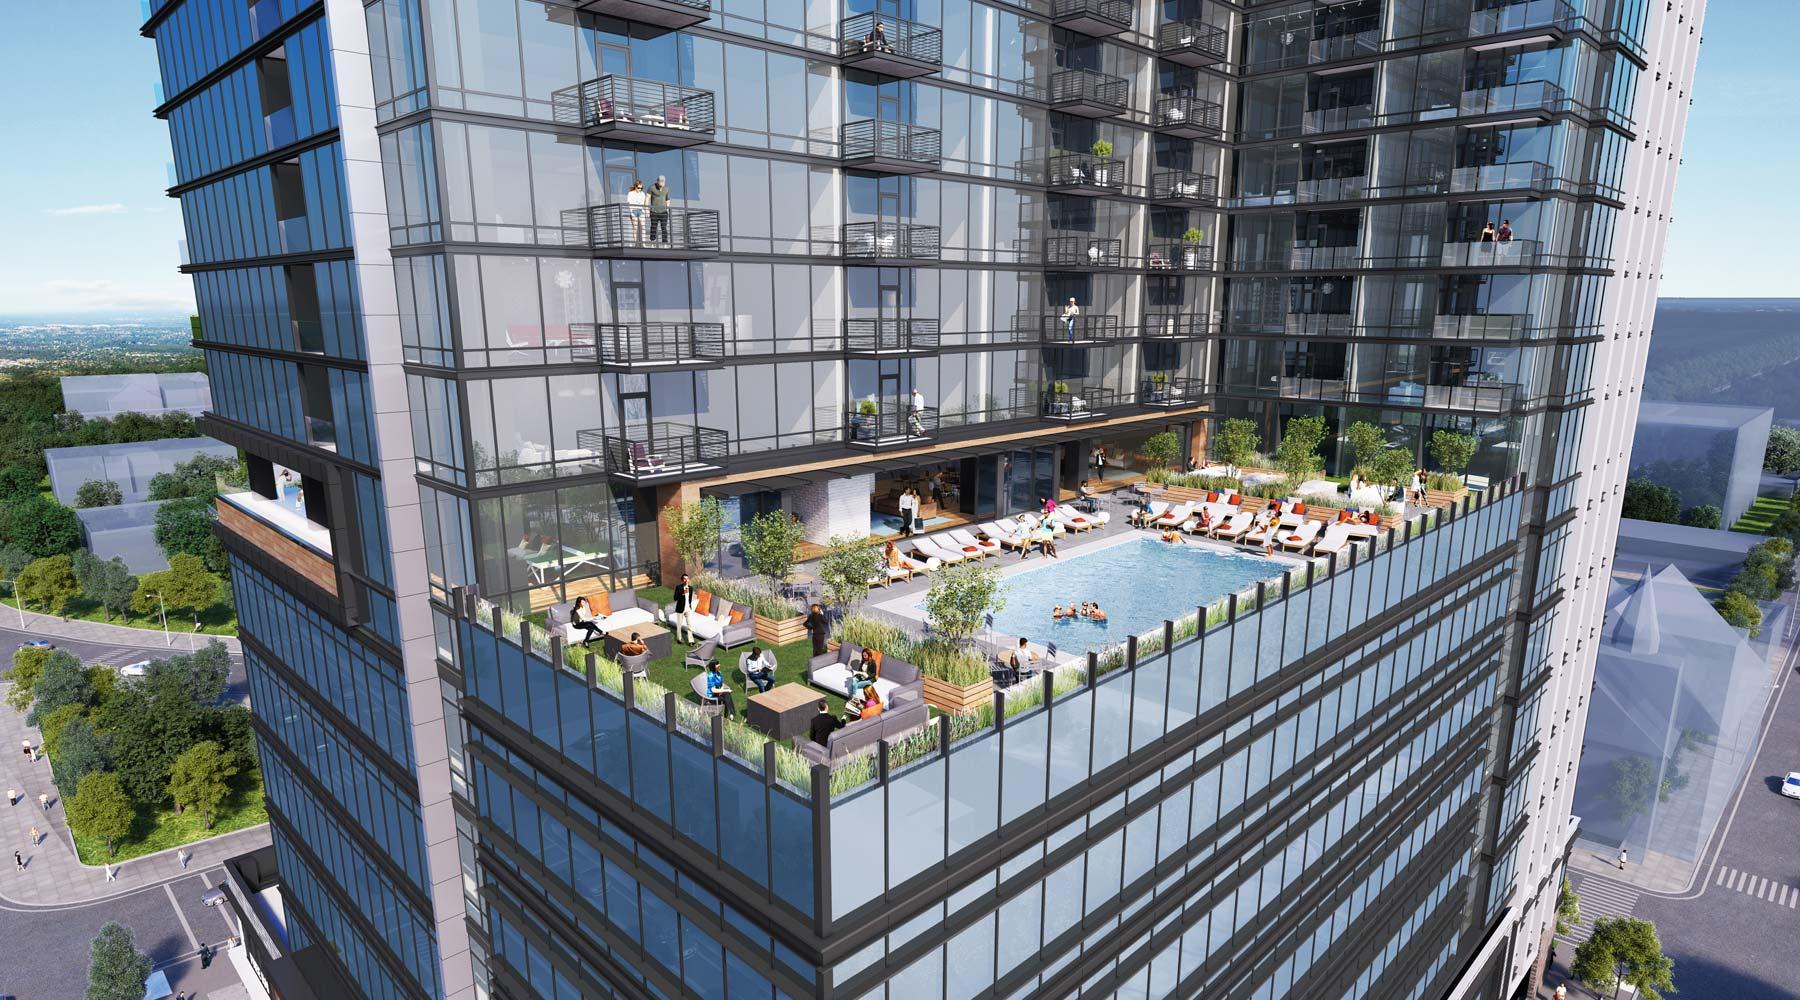 400H Rendering Of People In Roof Top Pool